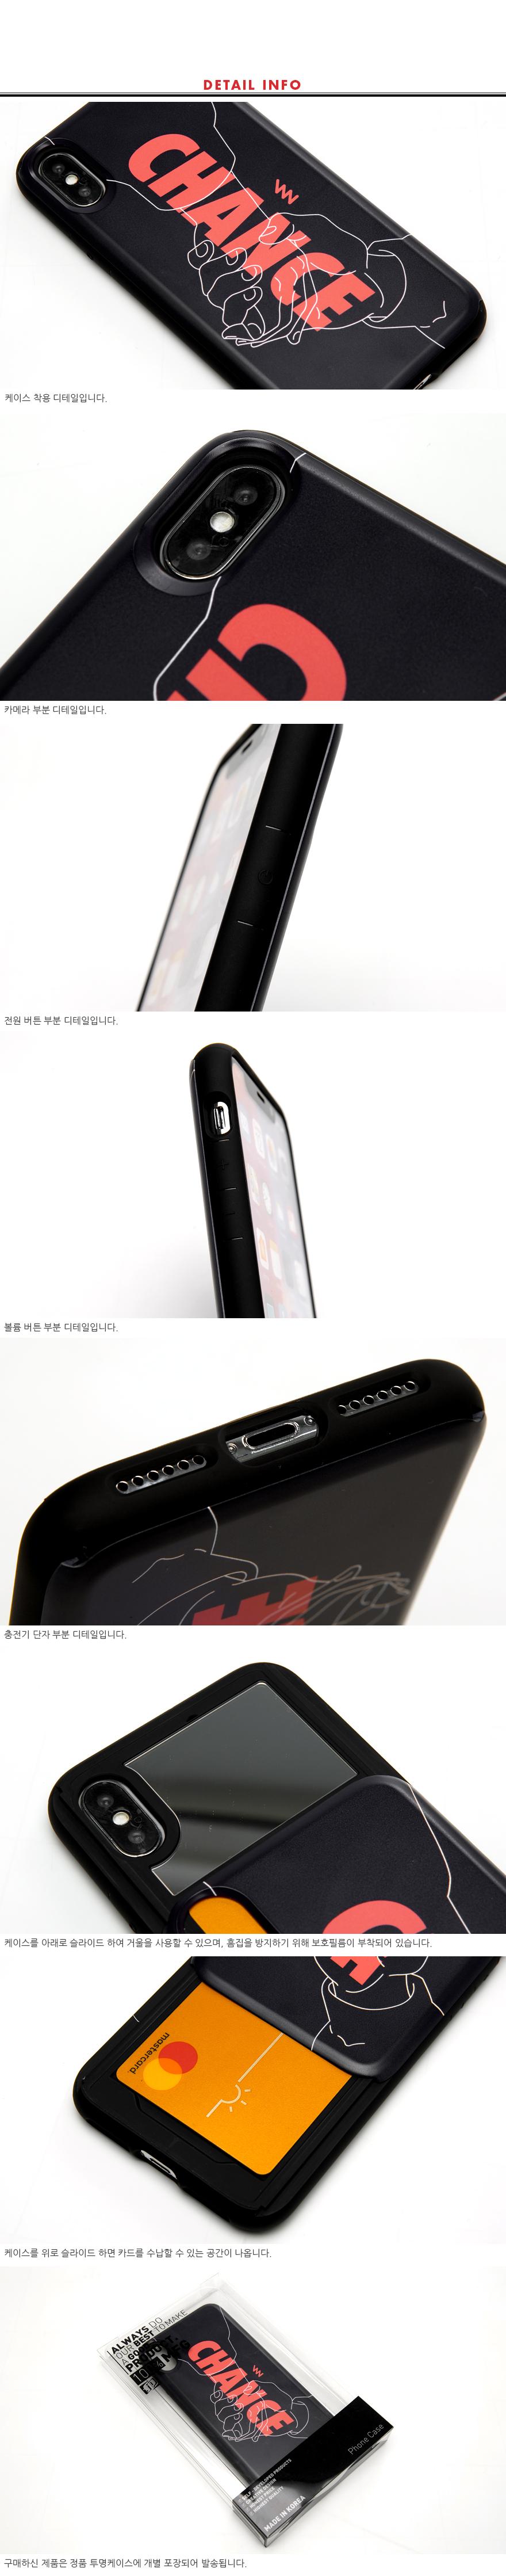 [더블유브이프로젝트] 투핸즈 휴대폰케이스 블랙